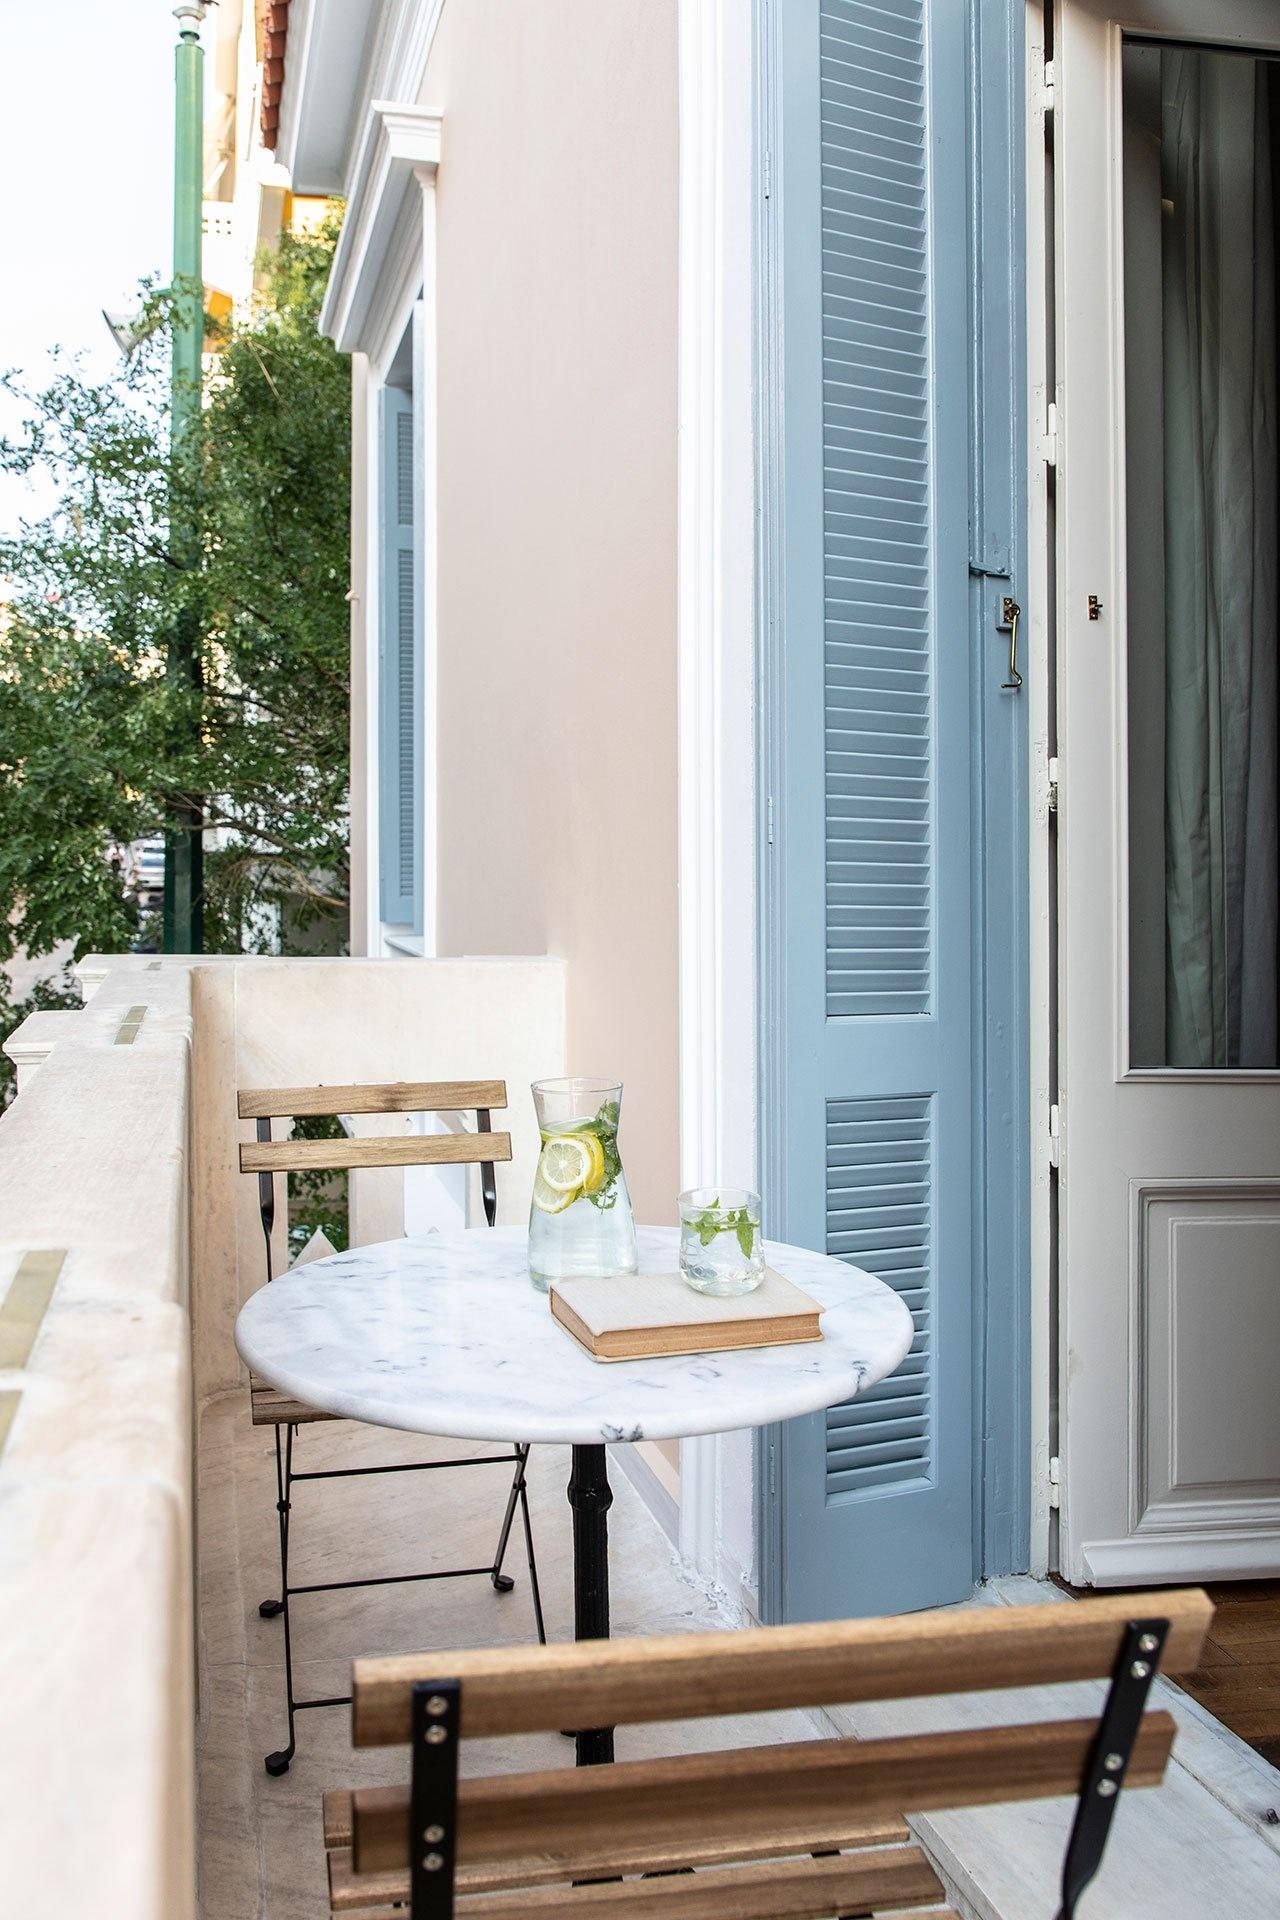 Уютный бутик-отель Monsieur Didot в Афинах (галерея 14, фото 1)